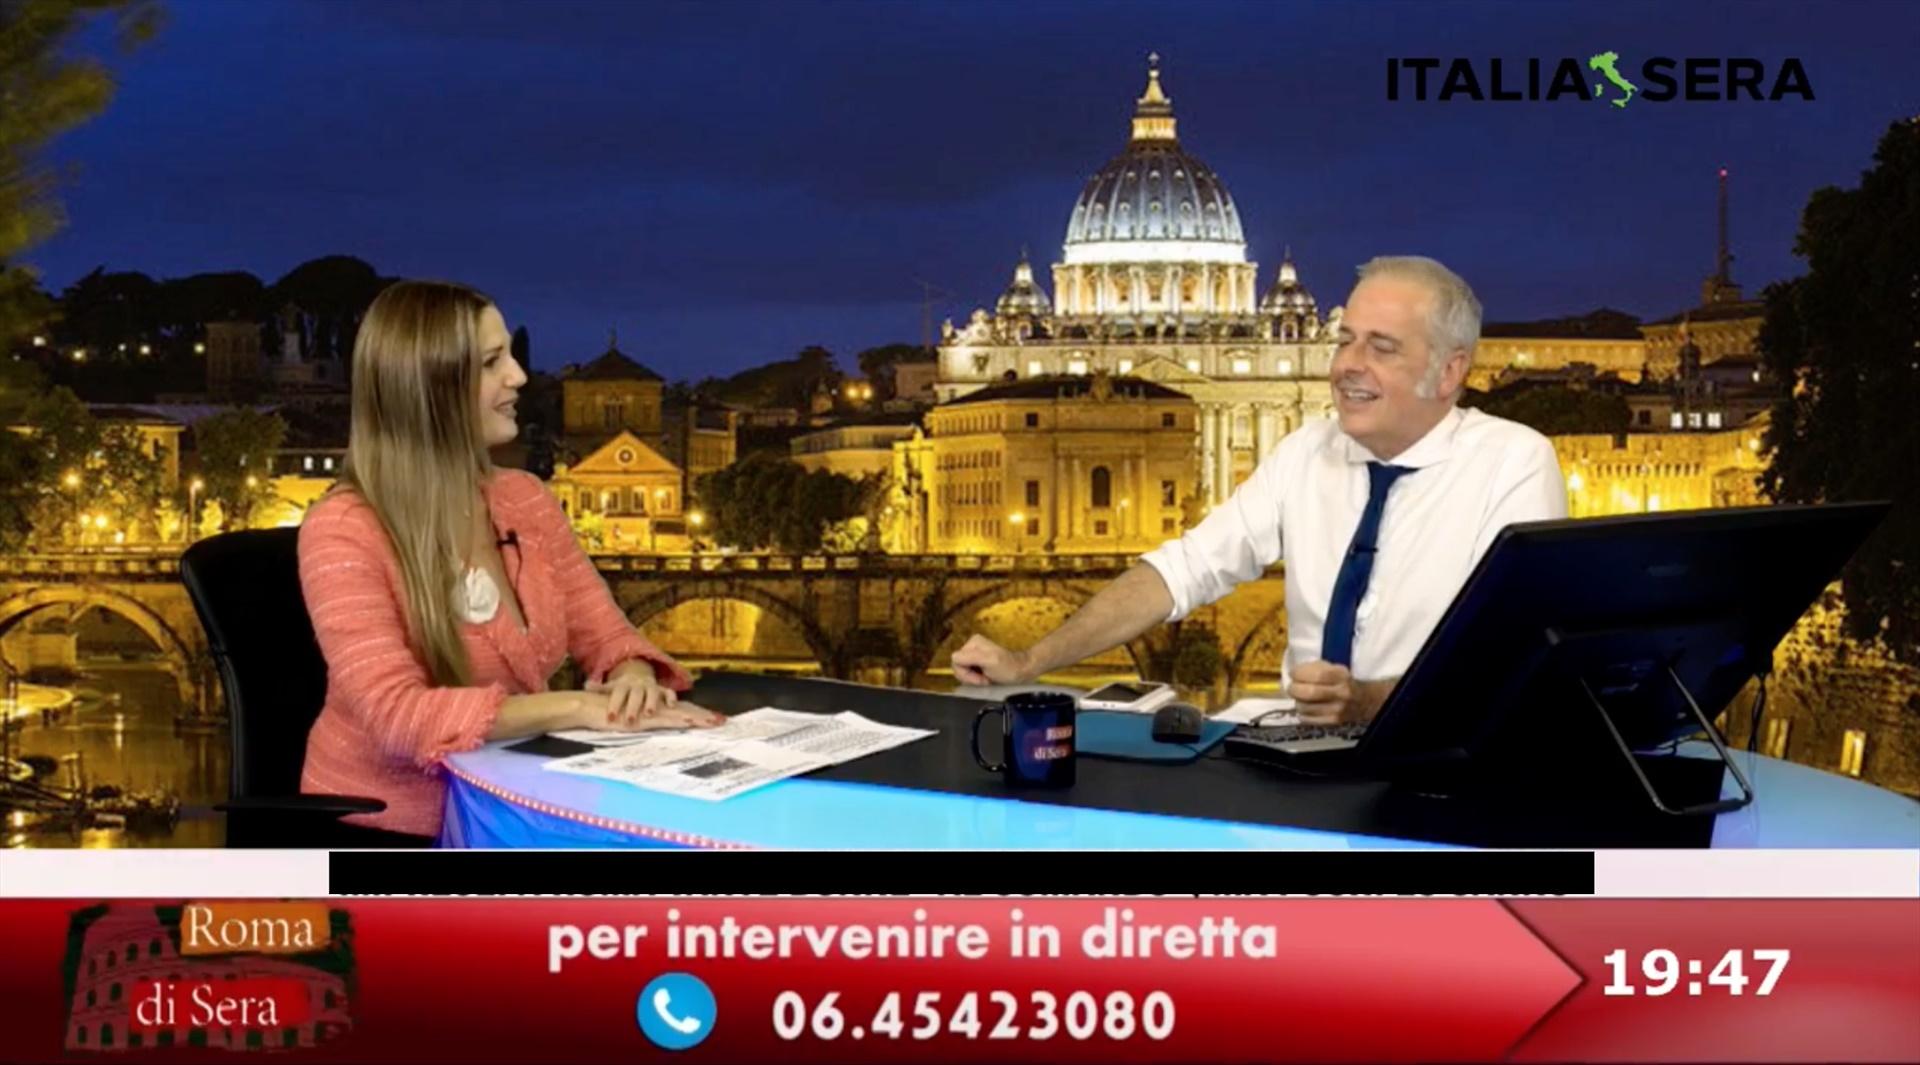 Simona Petrozzi a Roma di Sera, programma di Andrea Bozzi su Italia Sera, per parlare delle recenti uscite editoriali